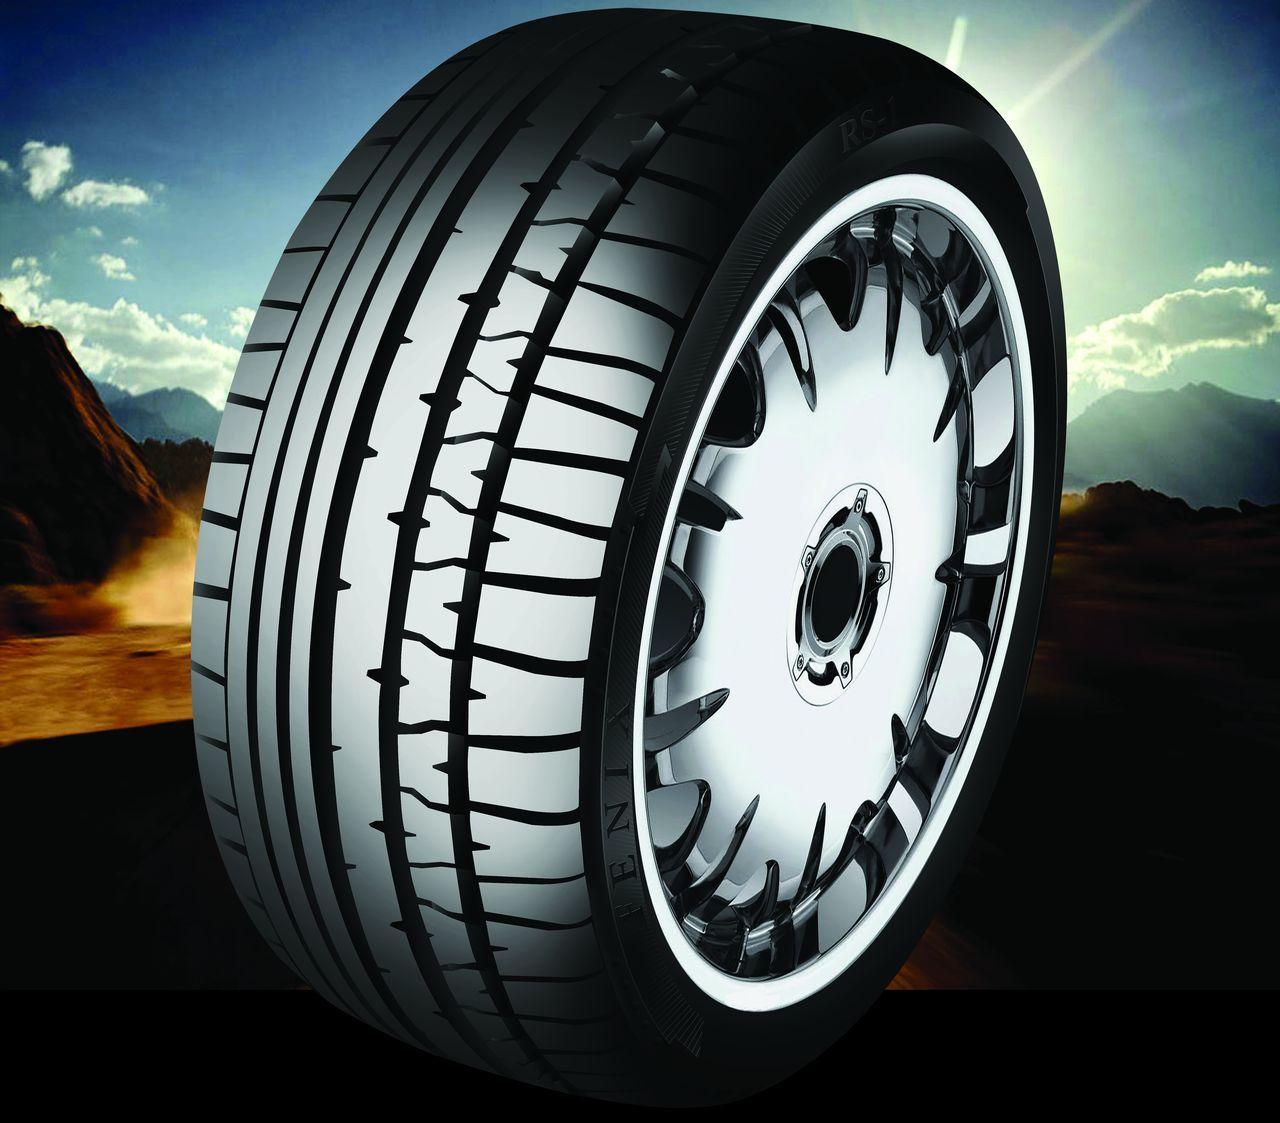 Automobile Autopartes Car Tires Car Trip Road Sign Road Tire Road Tyre Tire Tires Tyre Tyres Tyres And Part